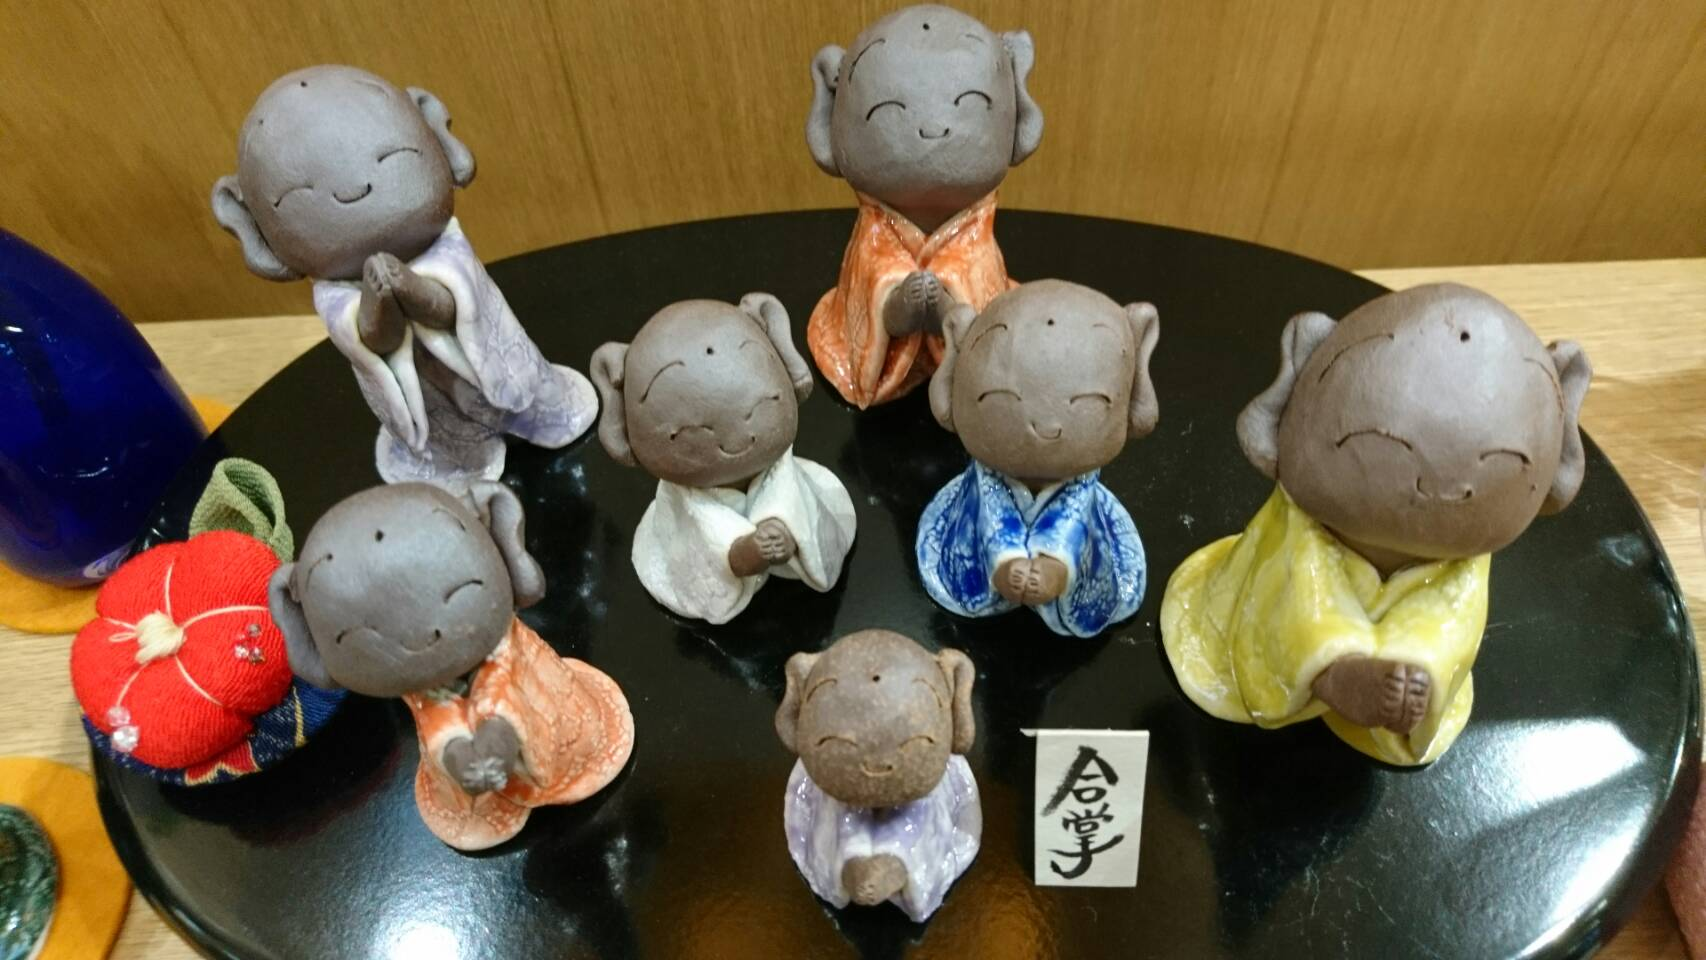 ふくば 福島 仏壇 写真ギャラリー画像7